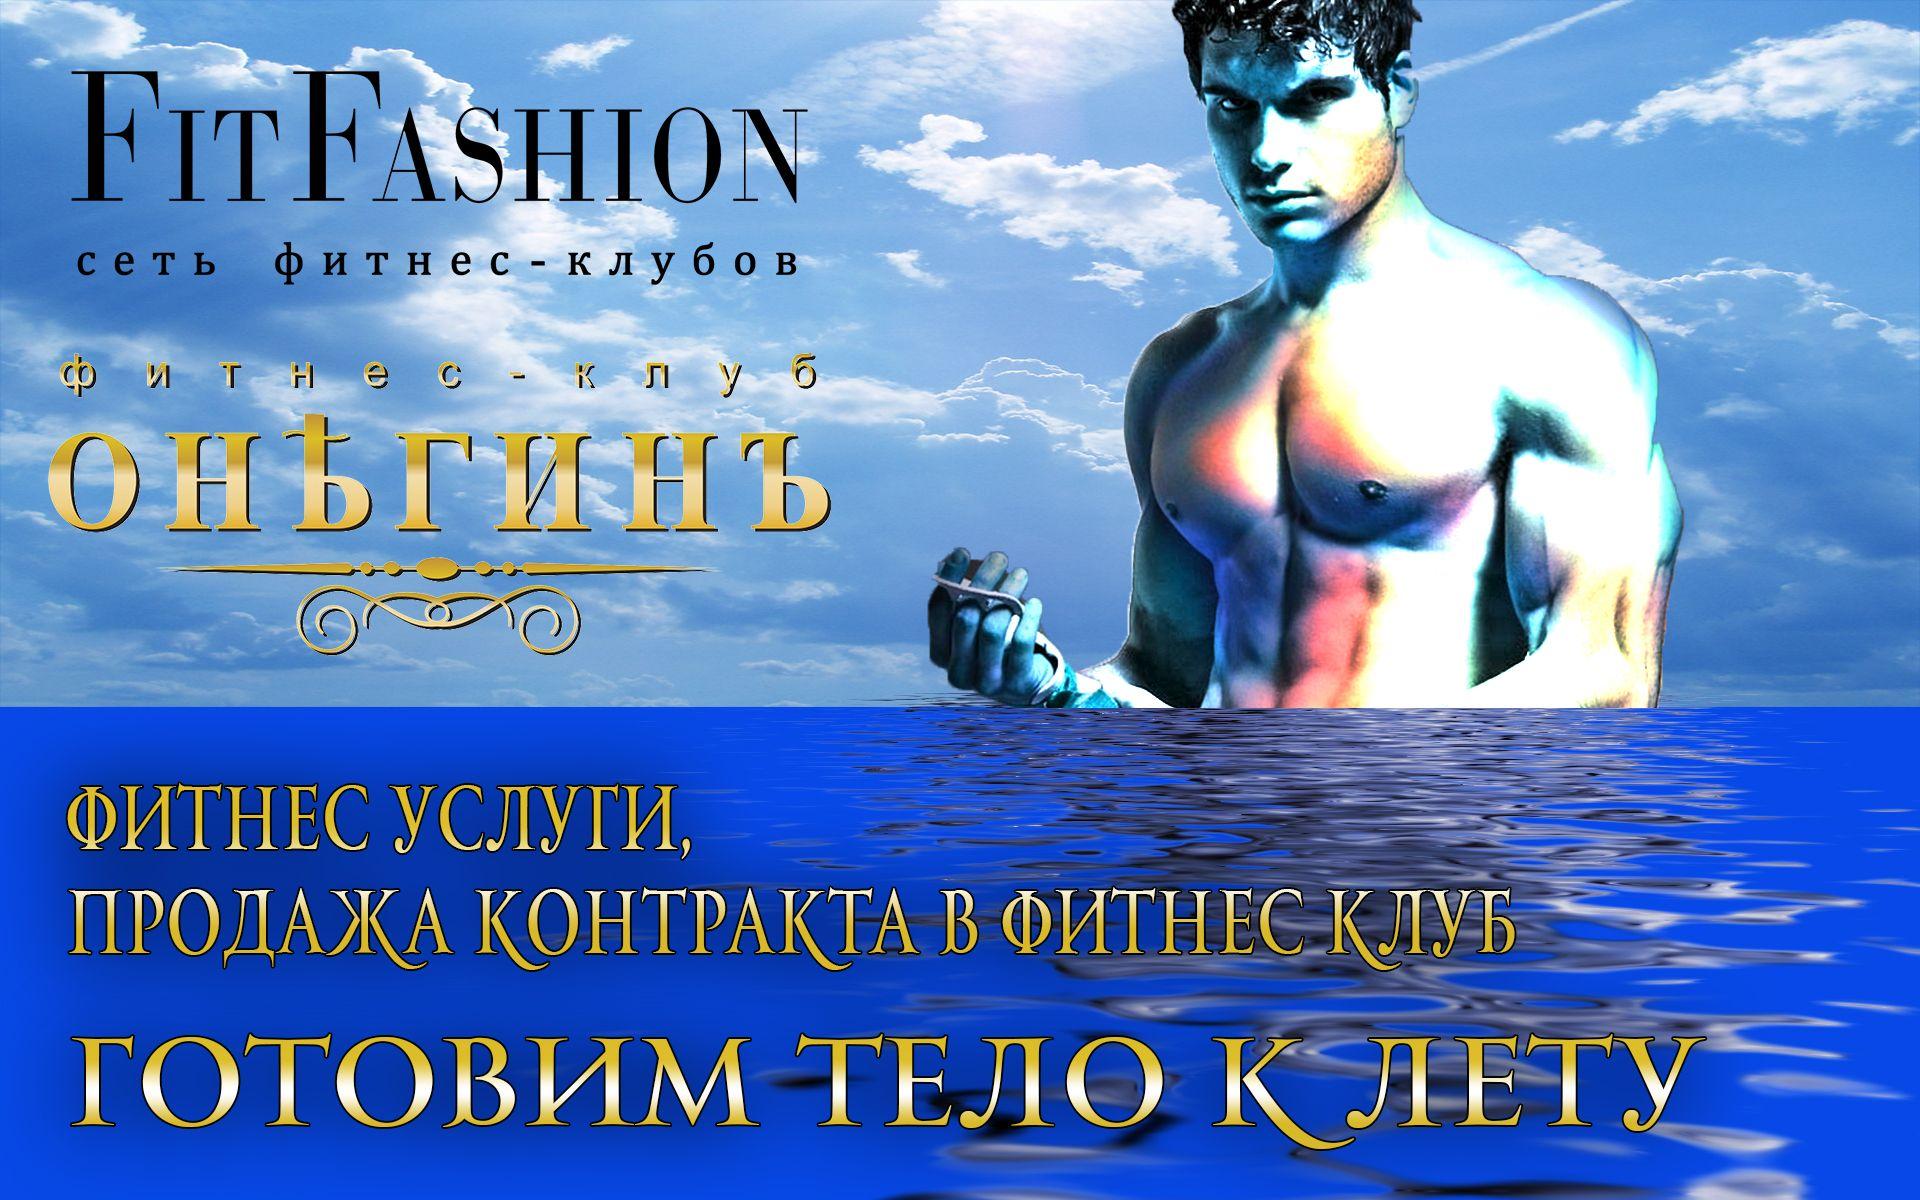 Дизайн наружной рекламы фитнес-клуба - дизайнер rinatrahimov91